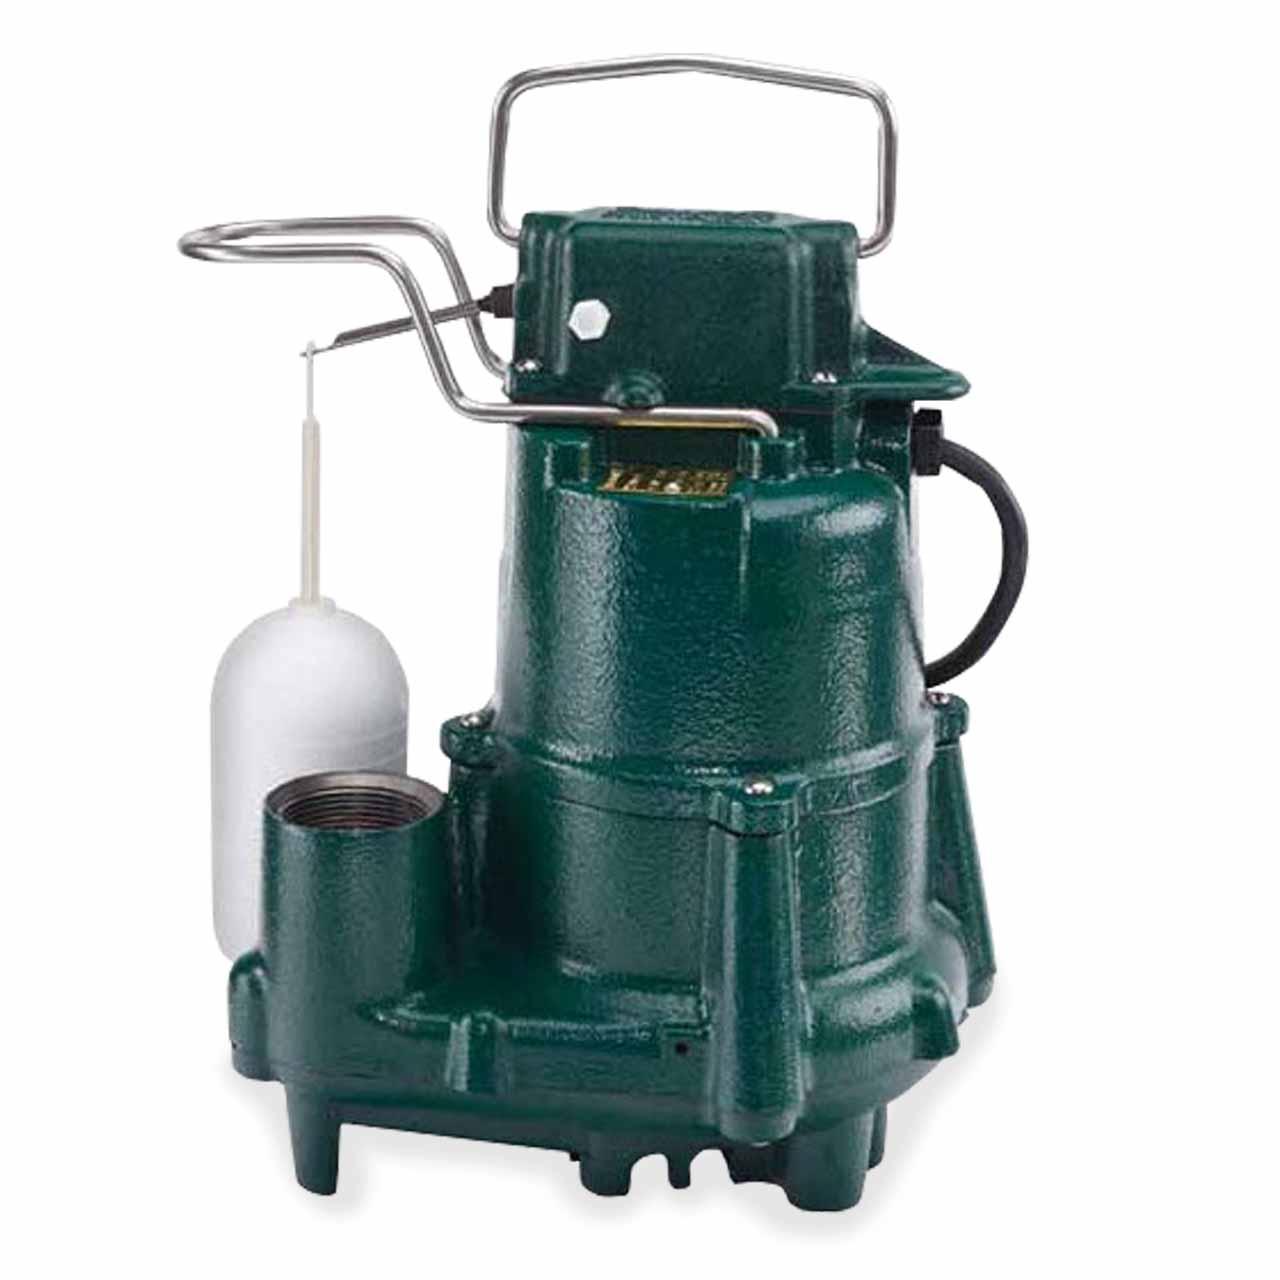 Zoeller Zoeller 98 0003 Model D98 Sump Amp Effluent Pump 0